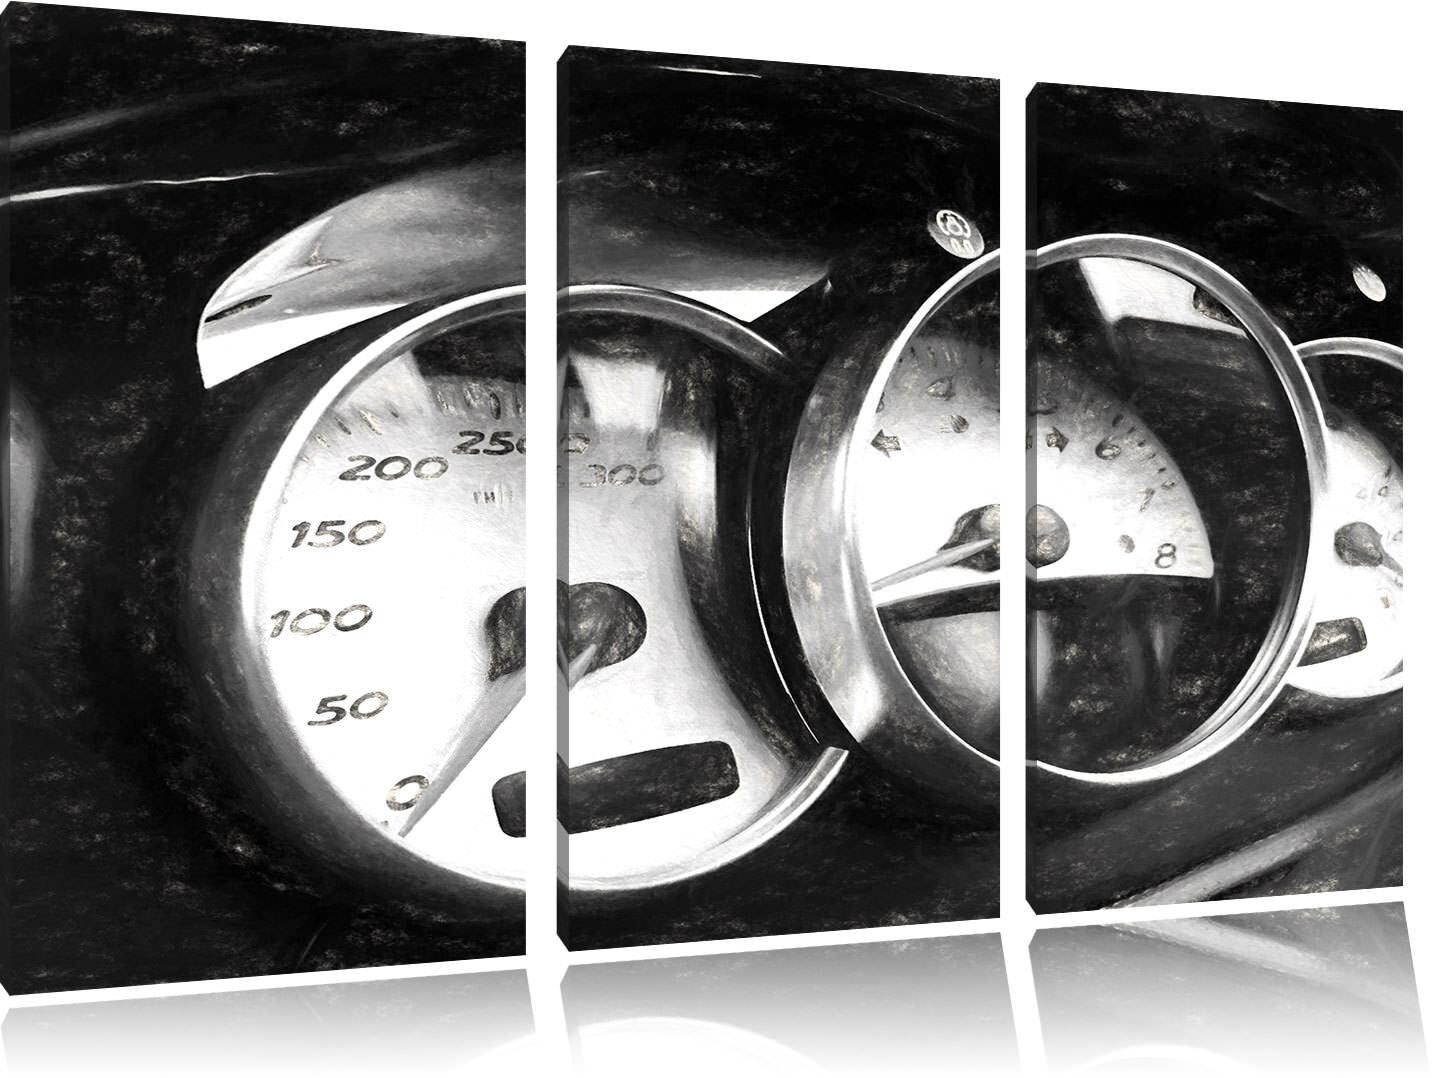 Armatures de Porsche Charbon Effet 3-Teiler Image de Toile Décoration Murale